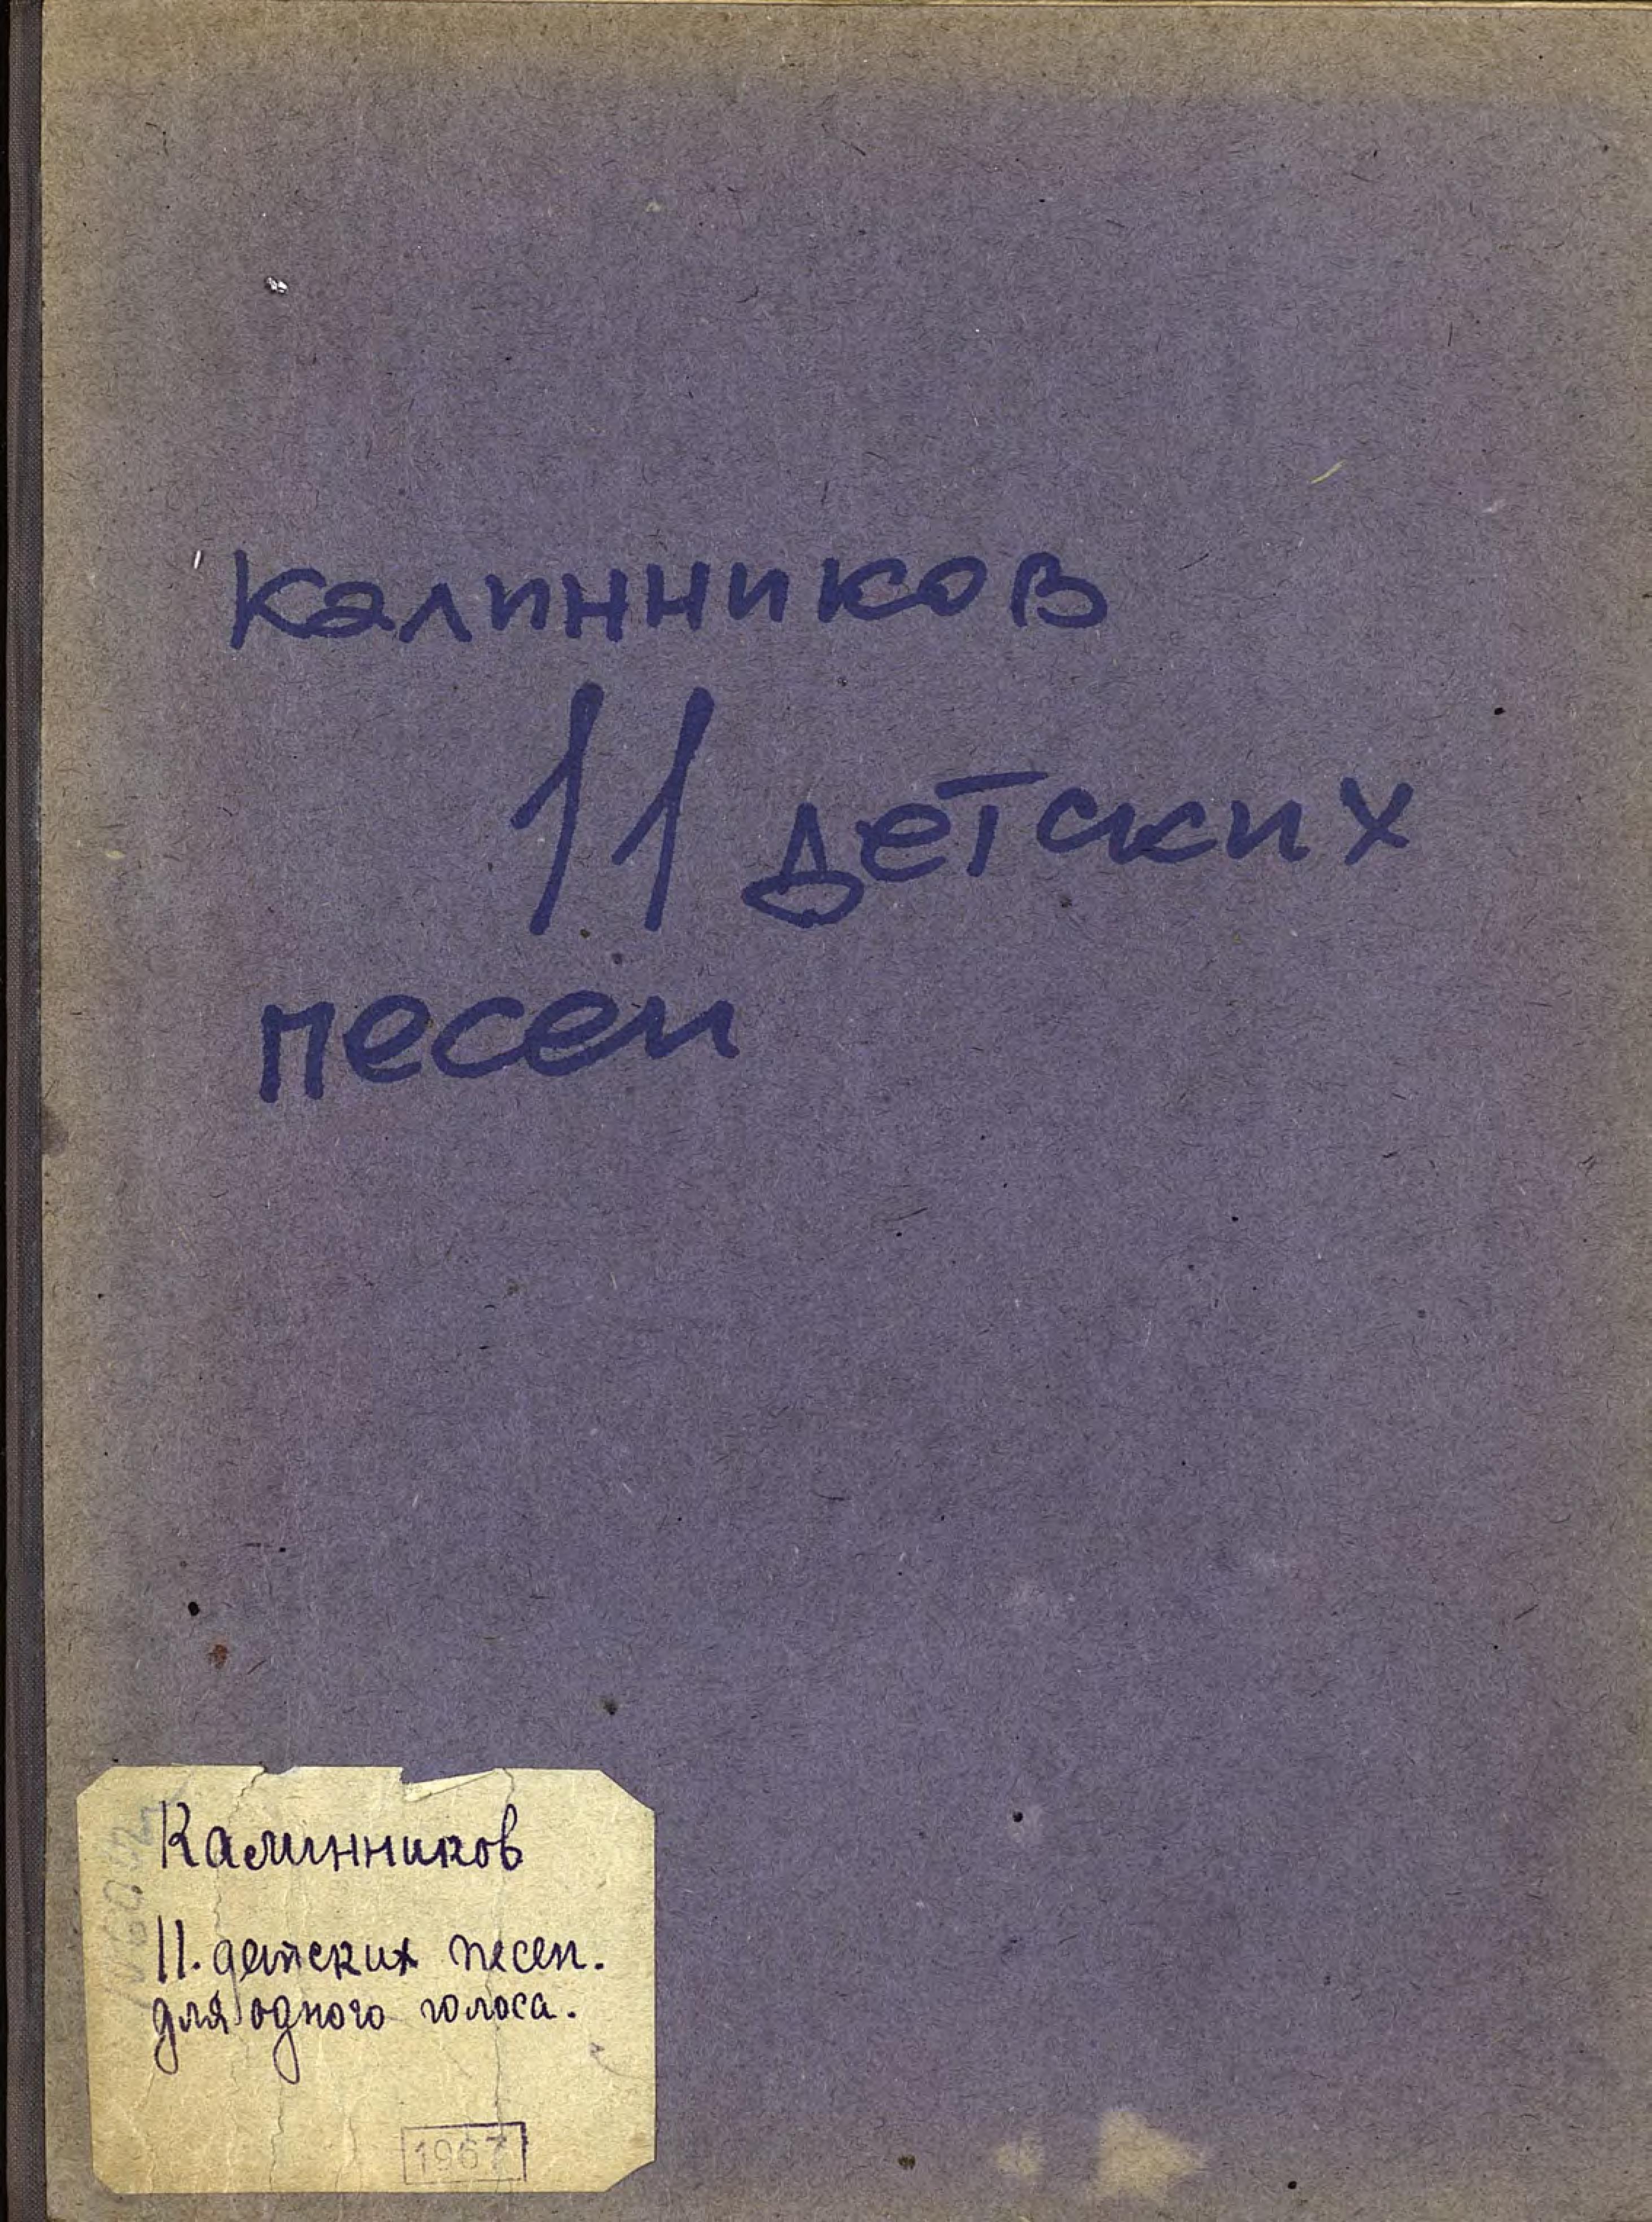 Василий Калинников Одиннадцать детских песен для одного голоса или унисонного хора с фортепиано василий калинников четыре детских песни